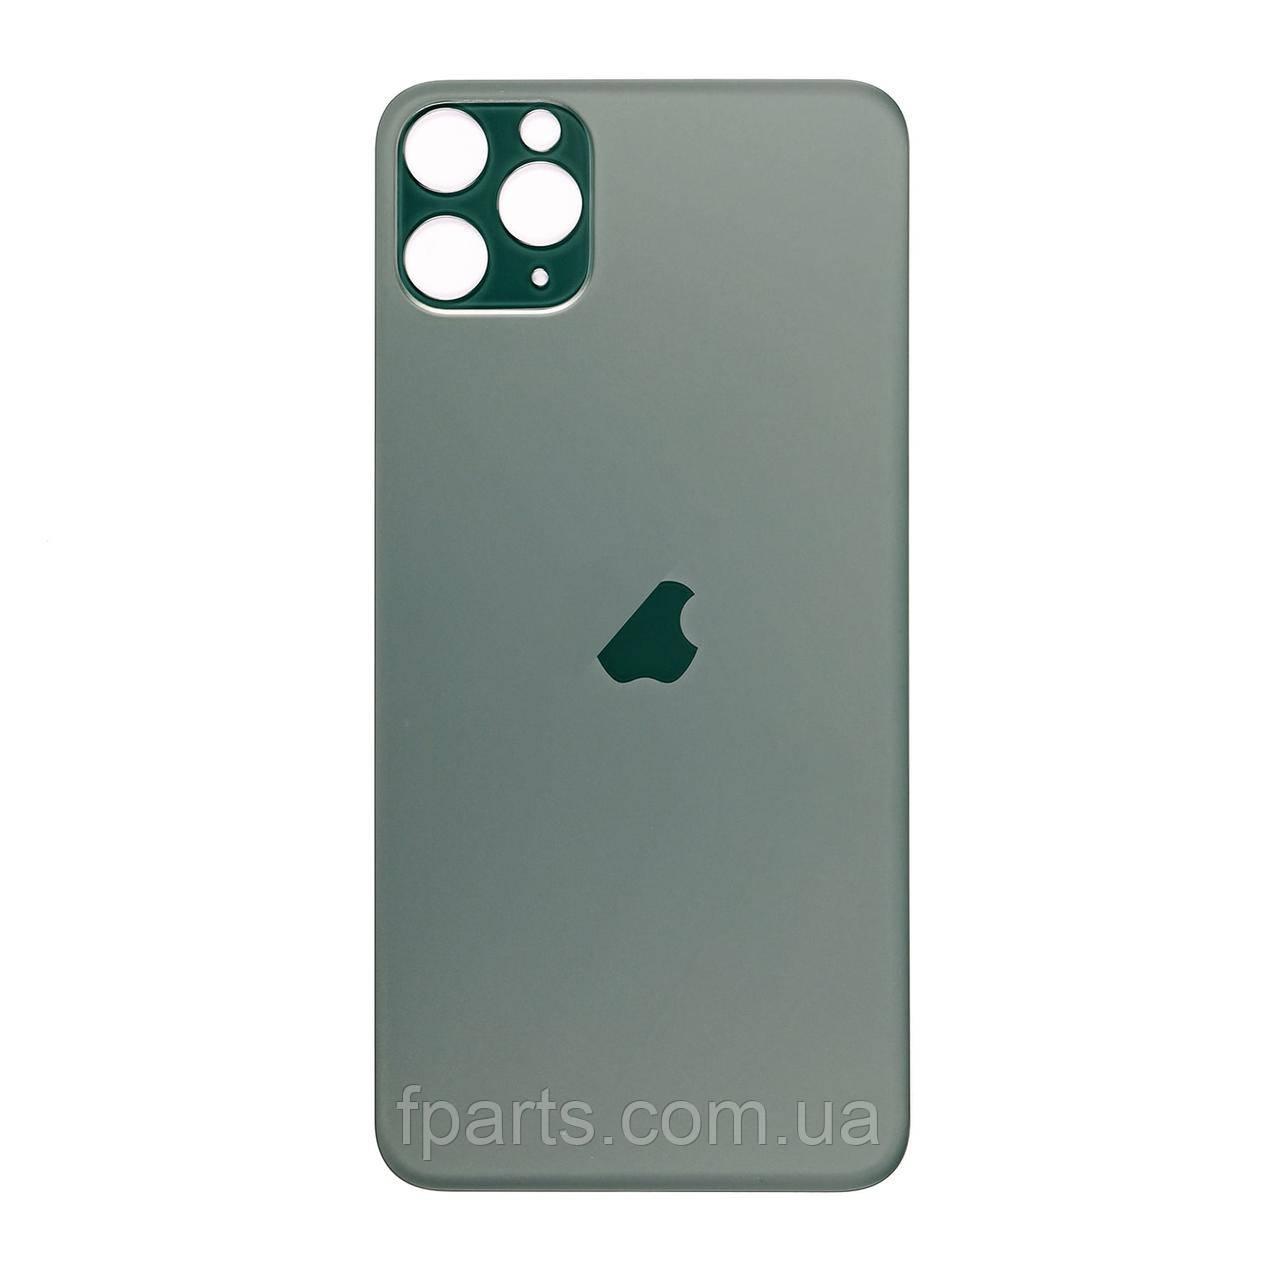 Задня кришка iPhone 11 Pro (великий виріз під камеру) Midnight Green